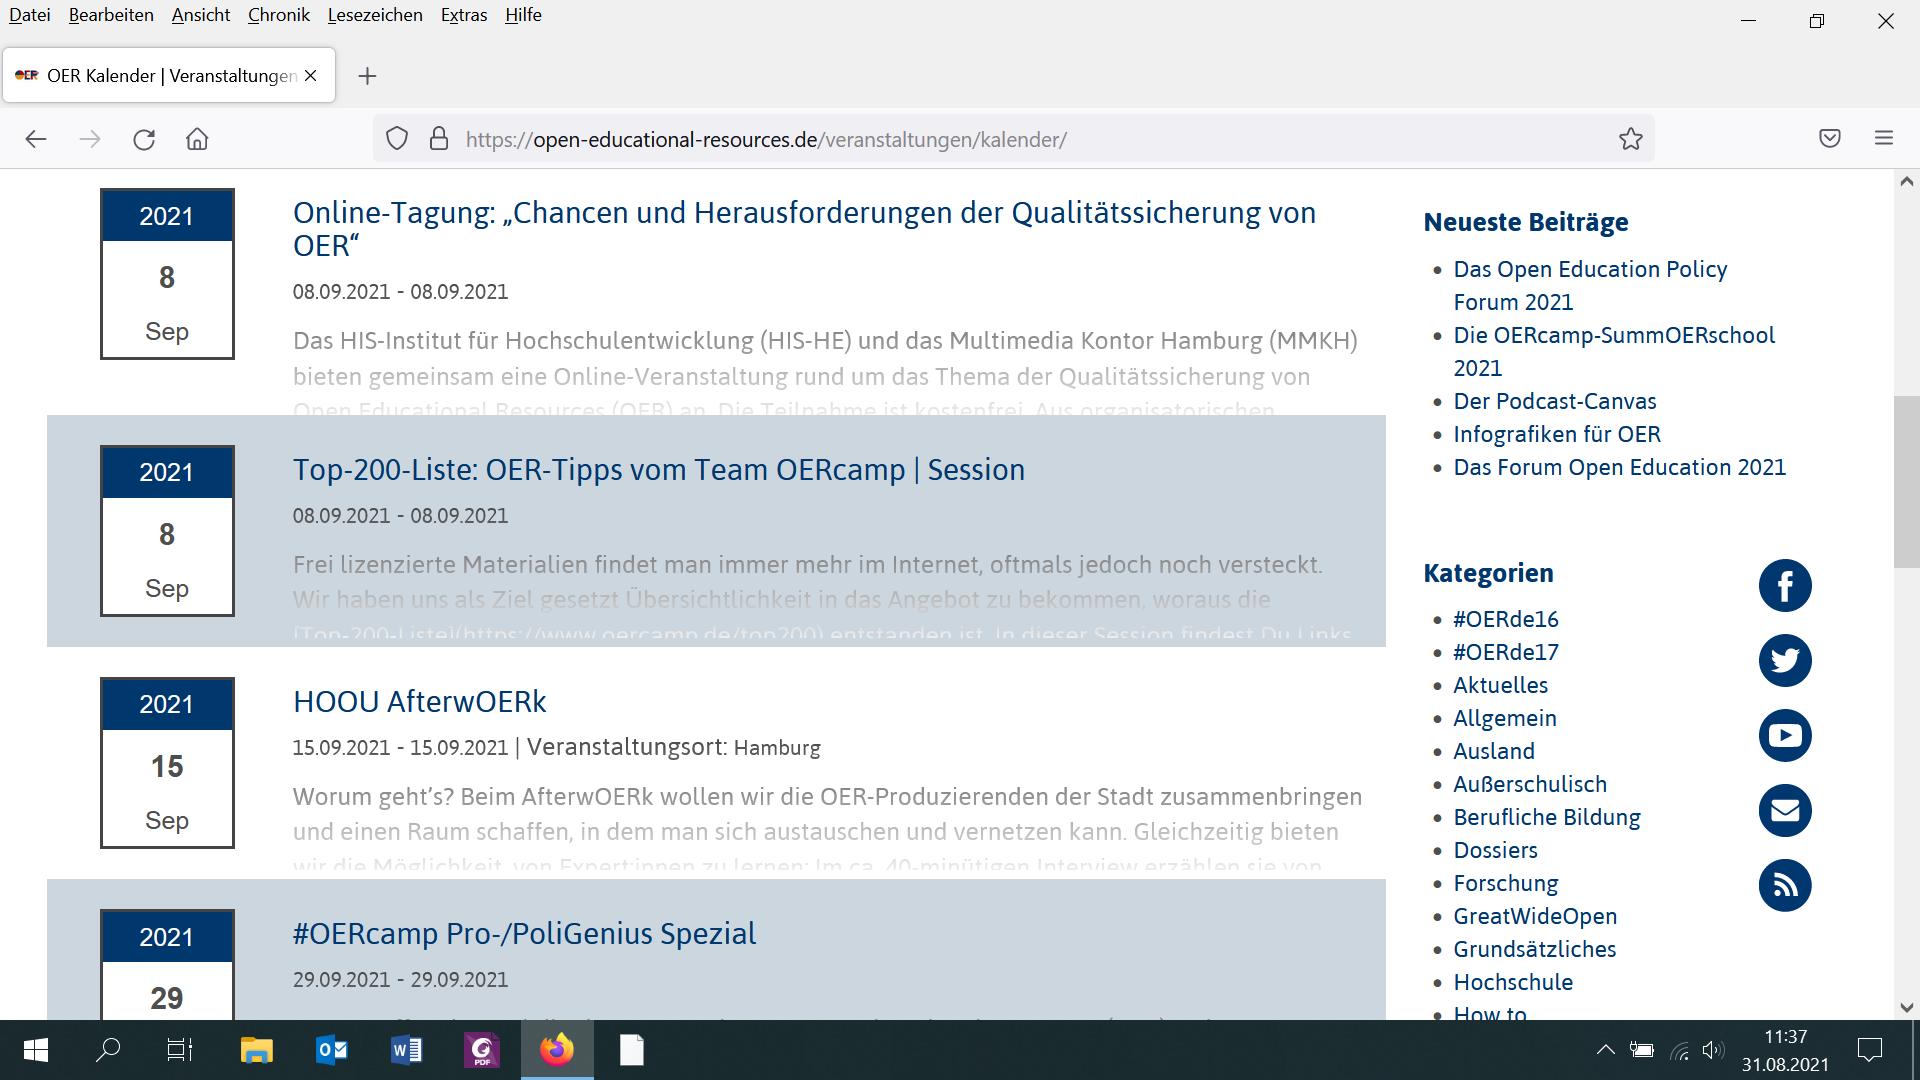 Screenshot_OER-Kalender_nicht unter freier Lizenz